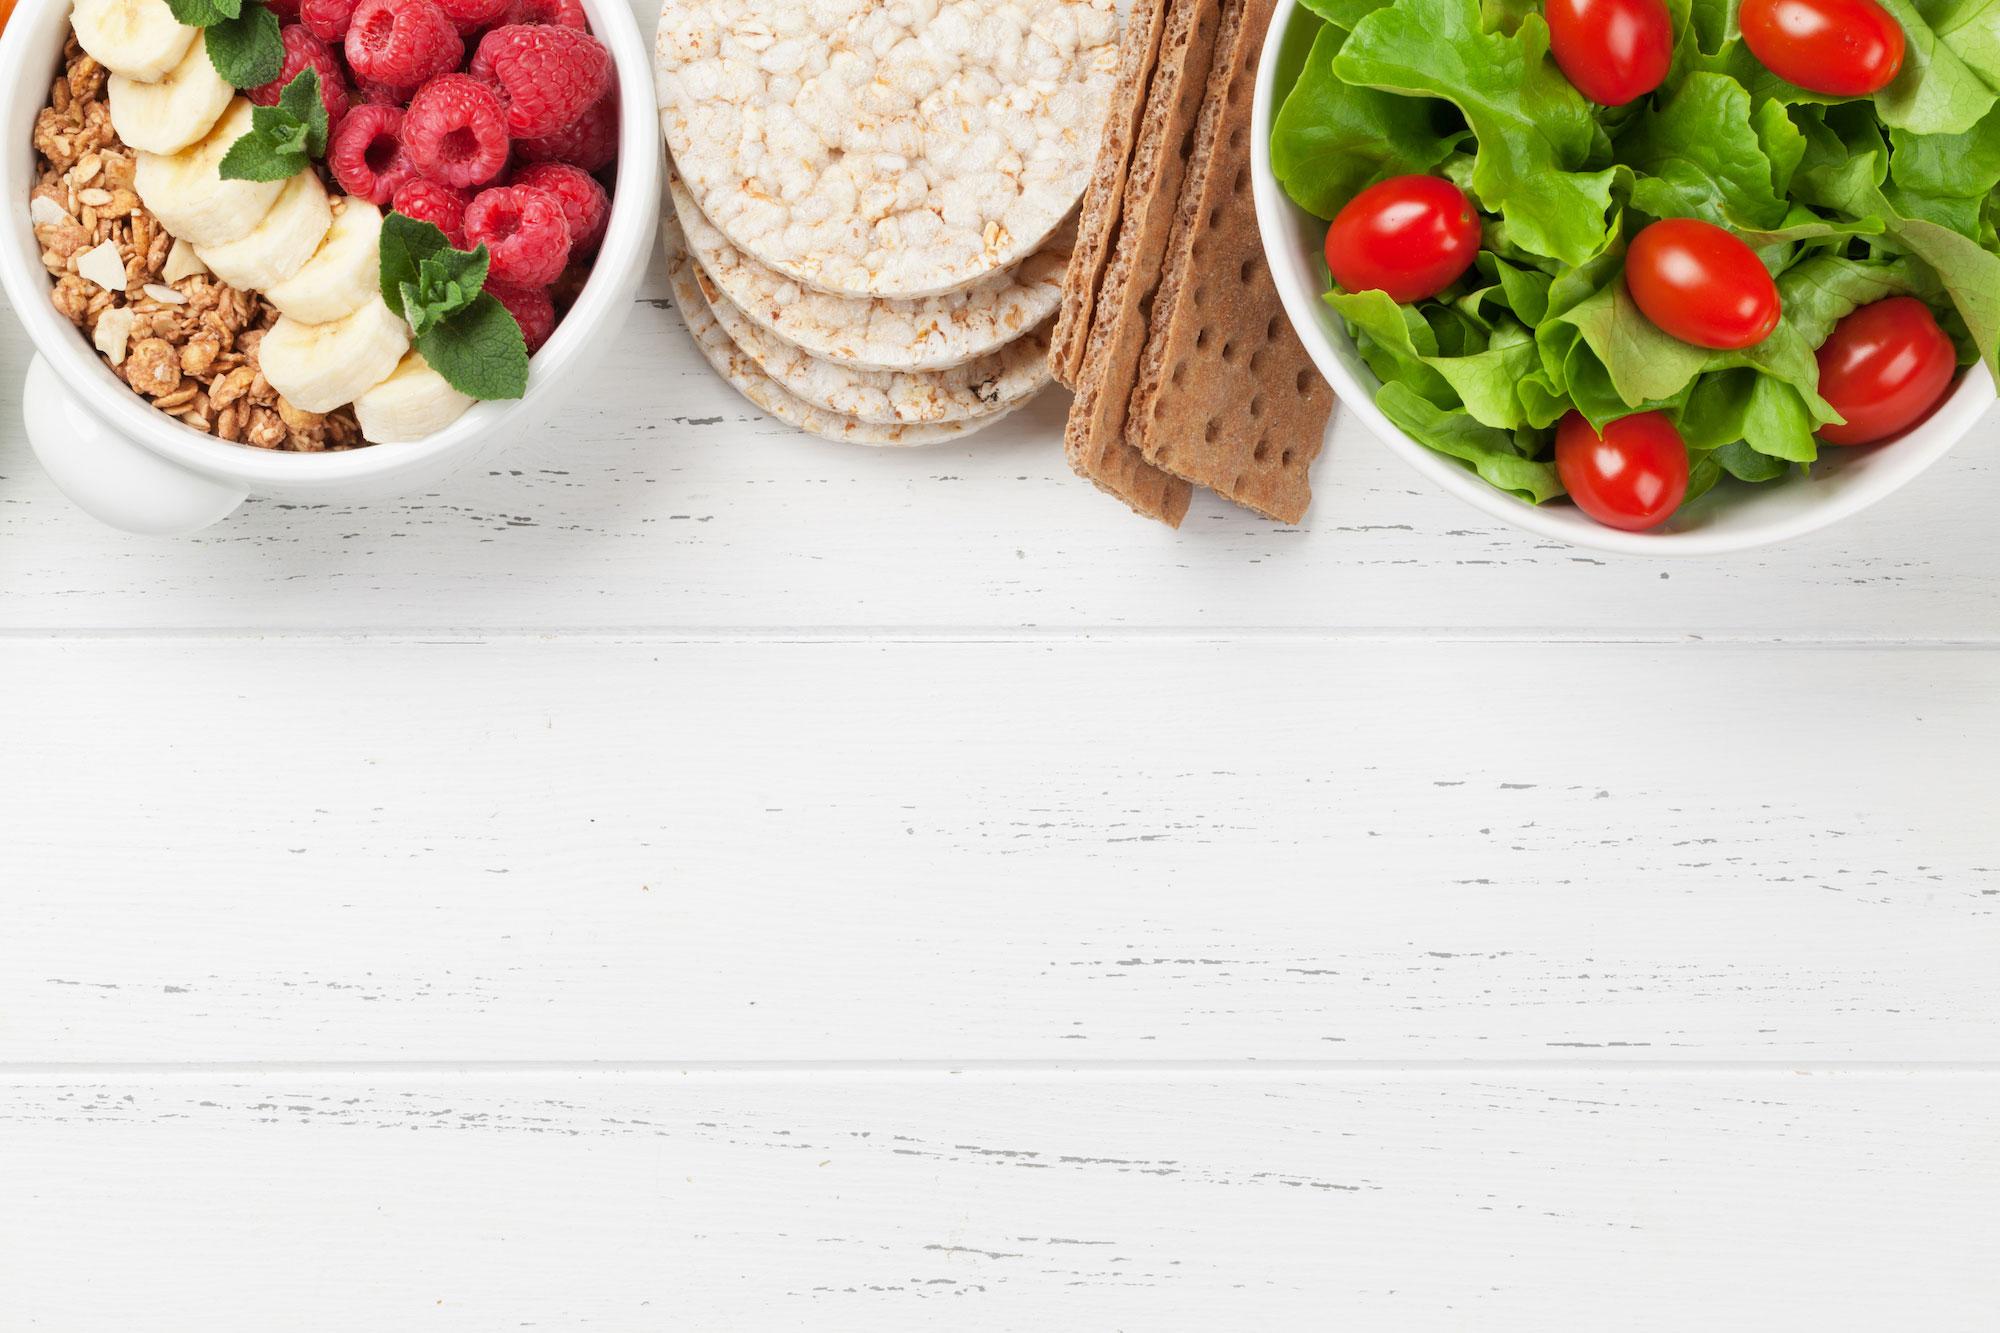 Правильное питание или как похудеть без диет. Меню внутри